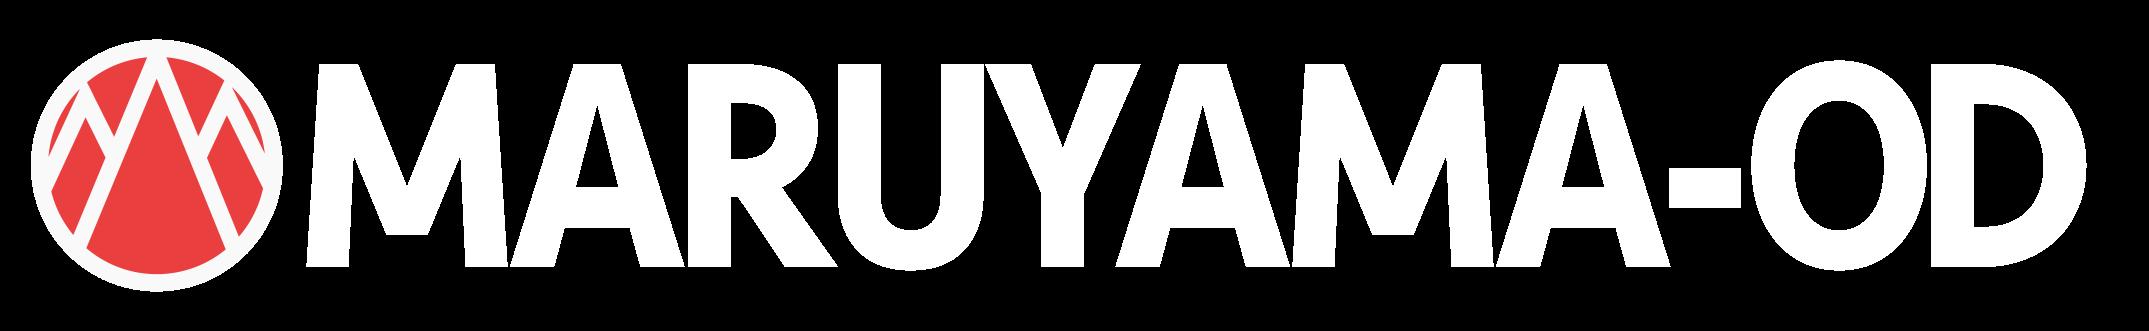 MARUYAMA-OD